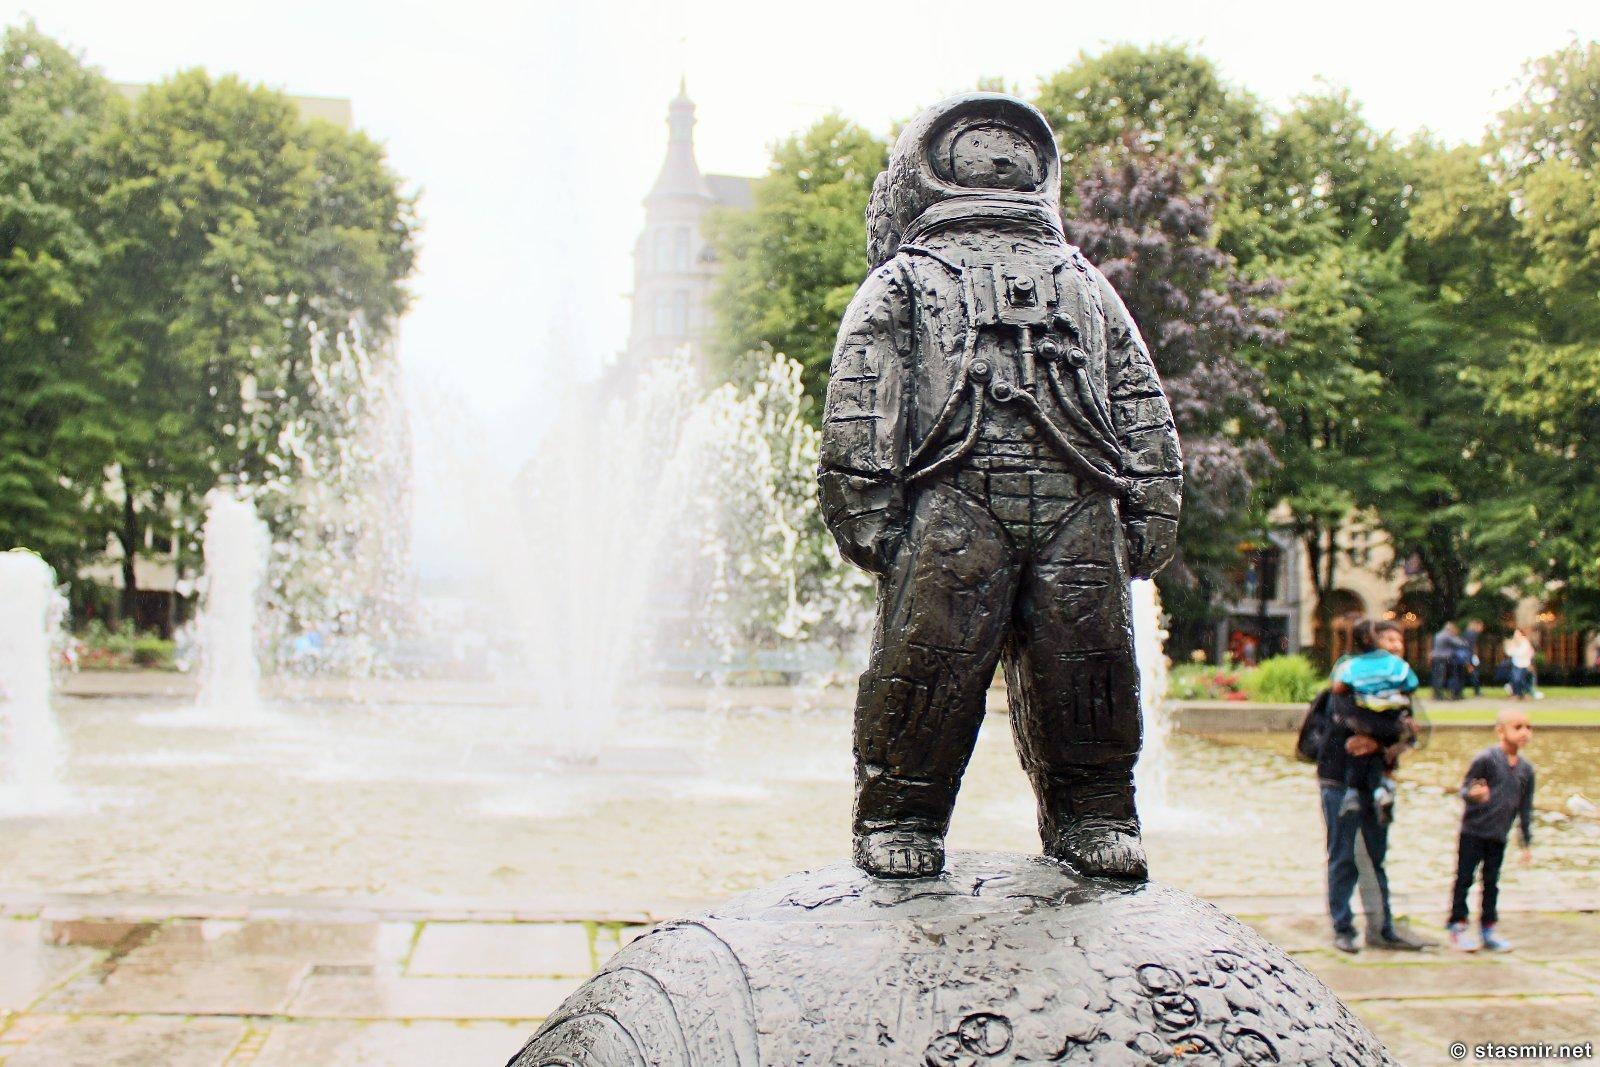 космонавт в саду на вдоль Карл-Юханс гате, дождь в Осло, фото Стасмир, photo Stasmir